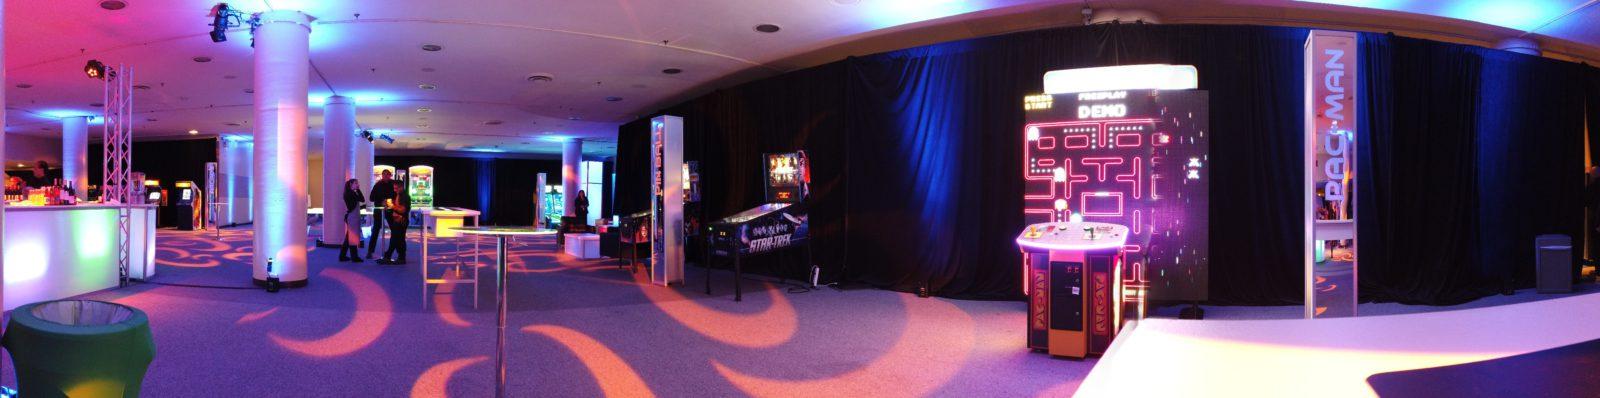 gaming lounge rentals